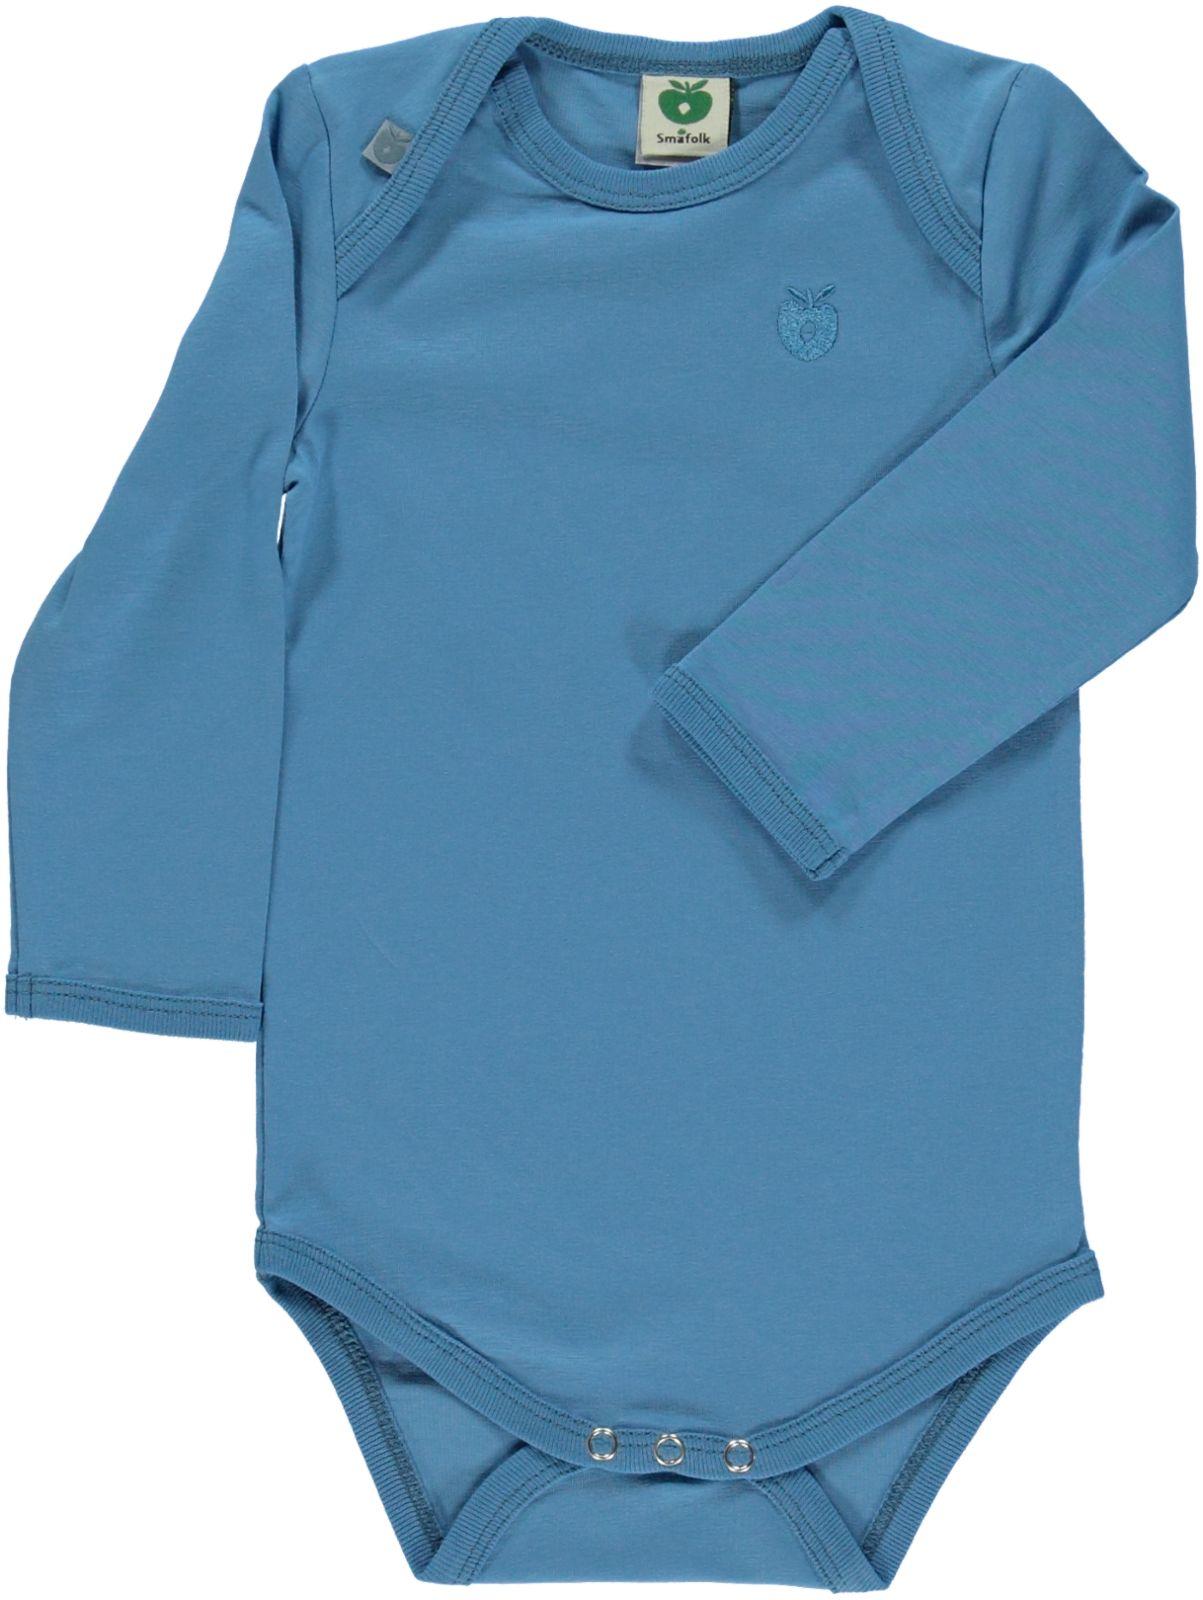 Småfolk - Organic Basic Longsleved Body - Cendre Blue